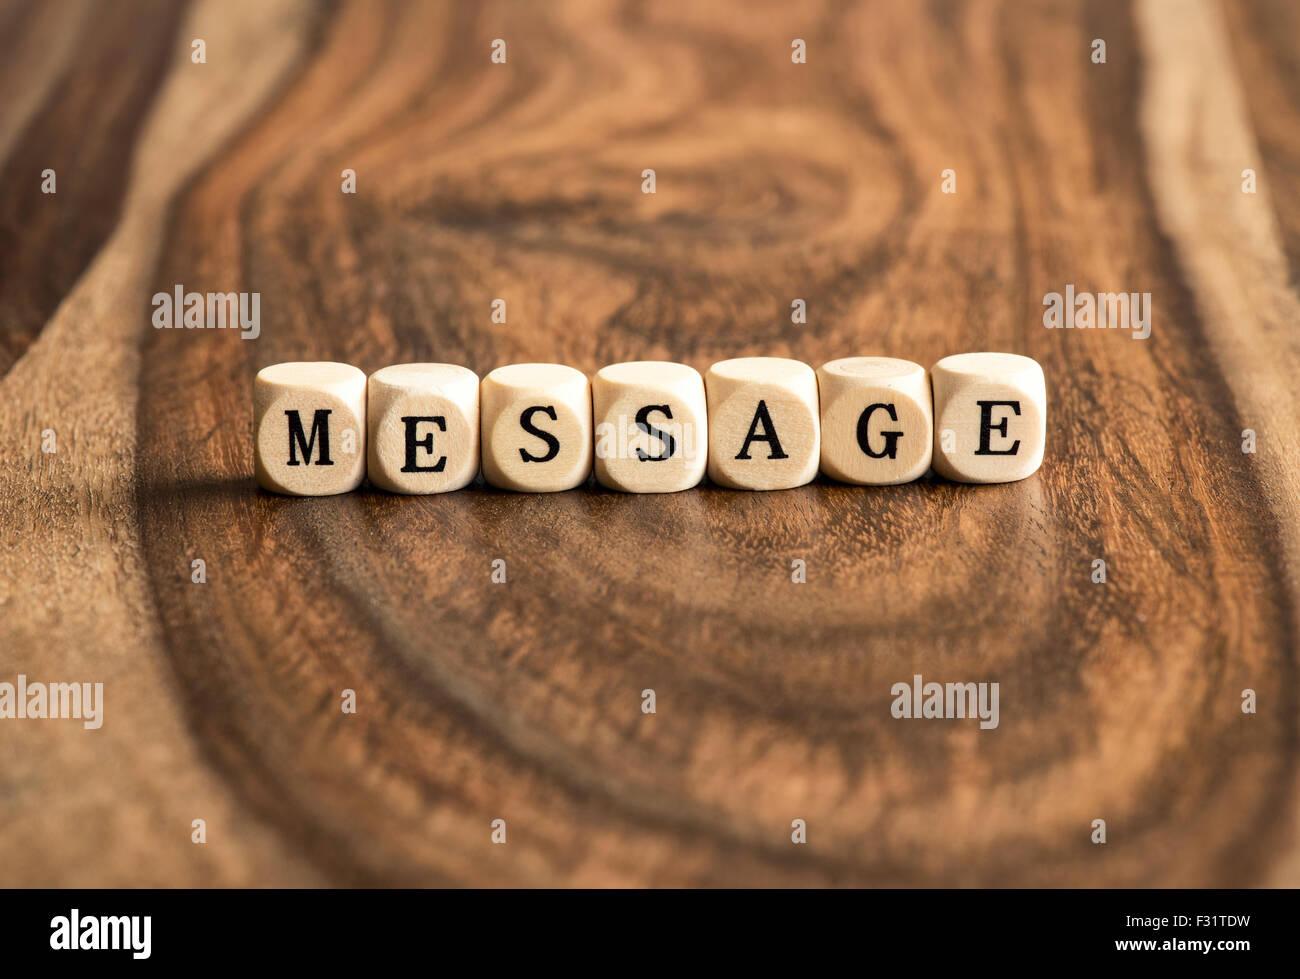 MESSAGE Mot de base sur des cales de bois Photo Stock